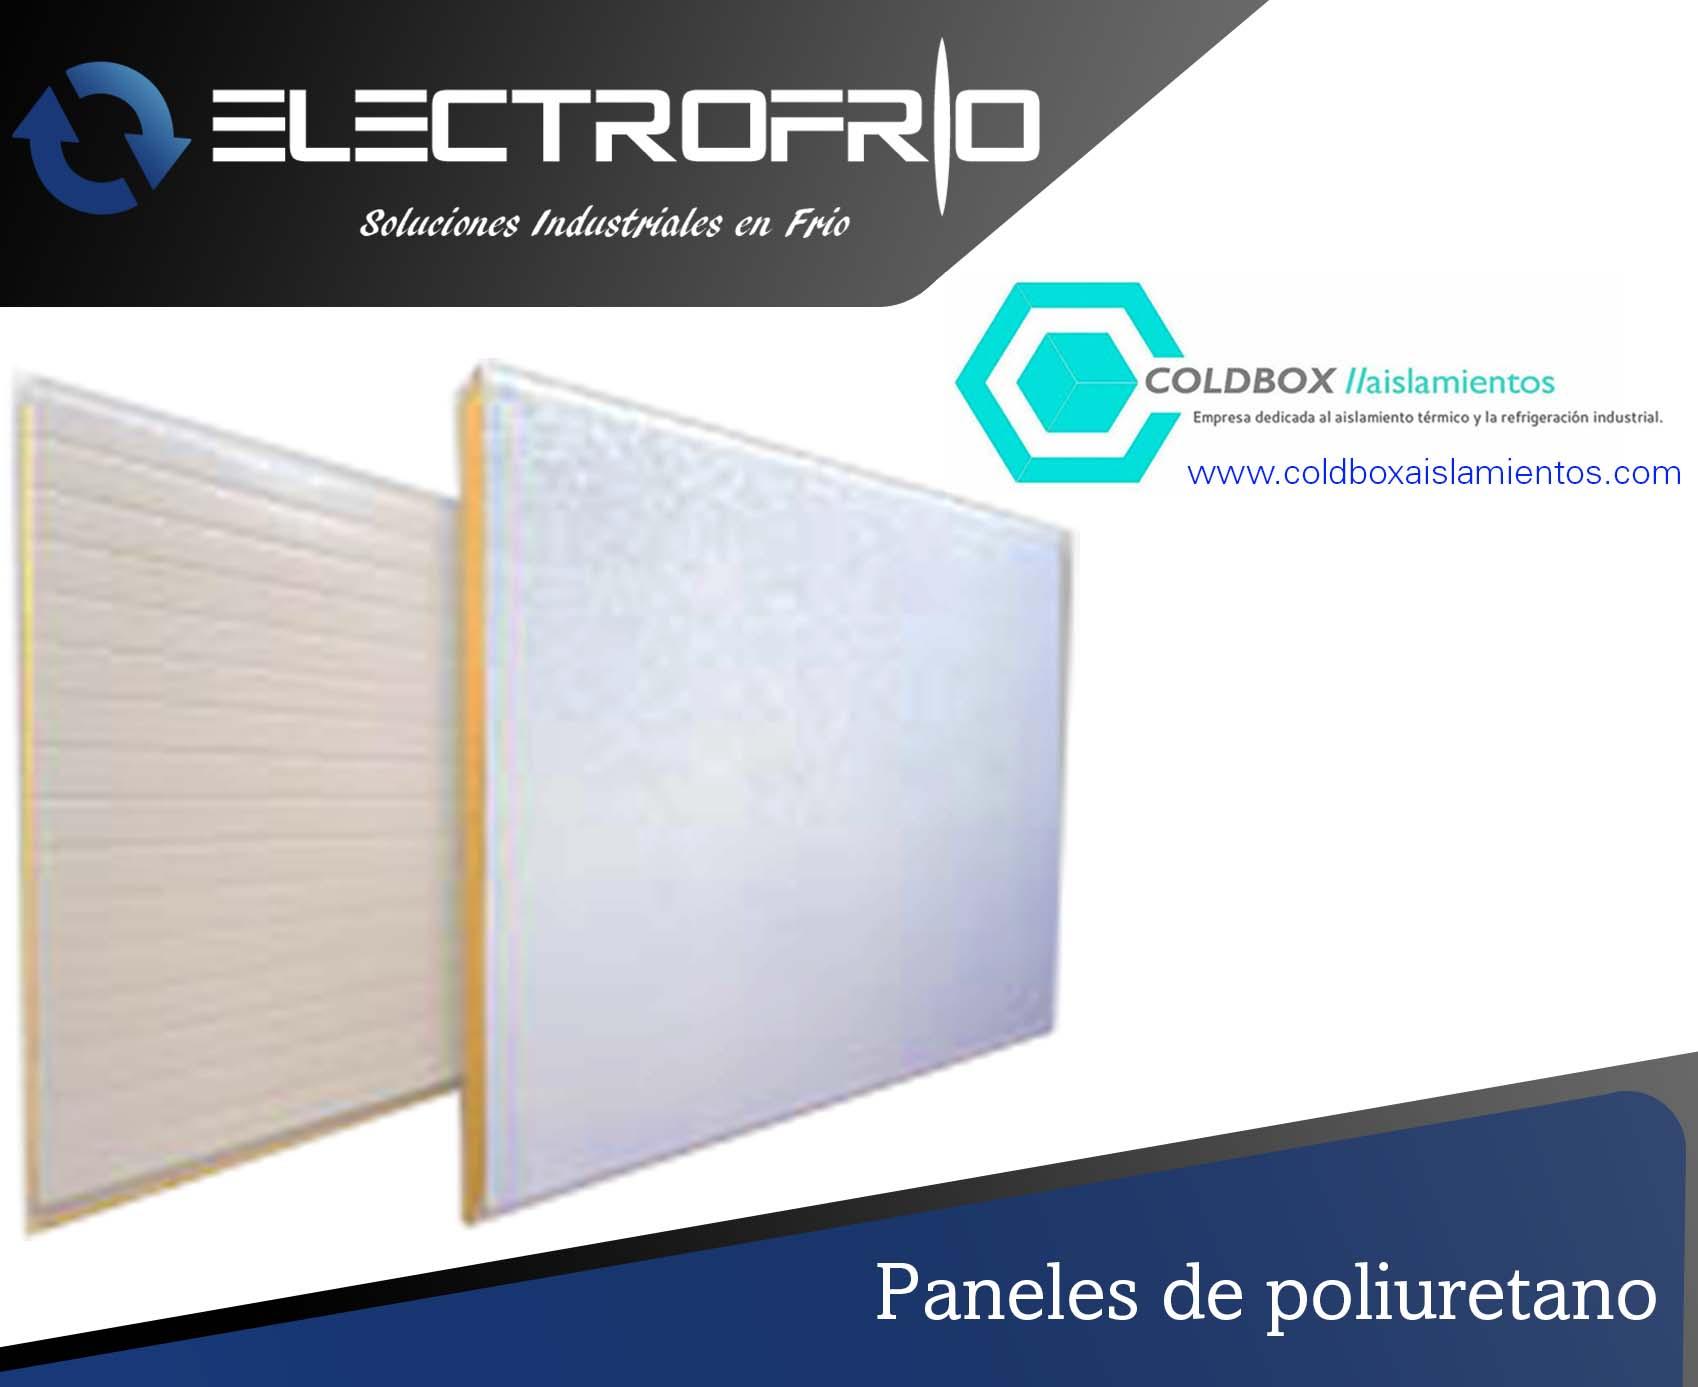 Electrofr o paneles de poliuretano 60 electrofr o - Paneles de poliuretano ...